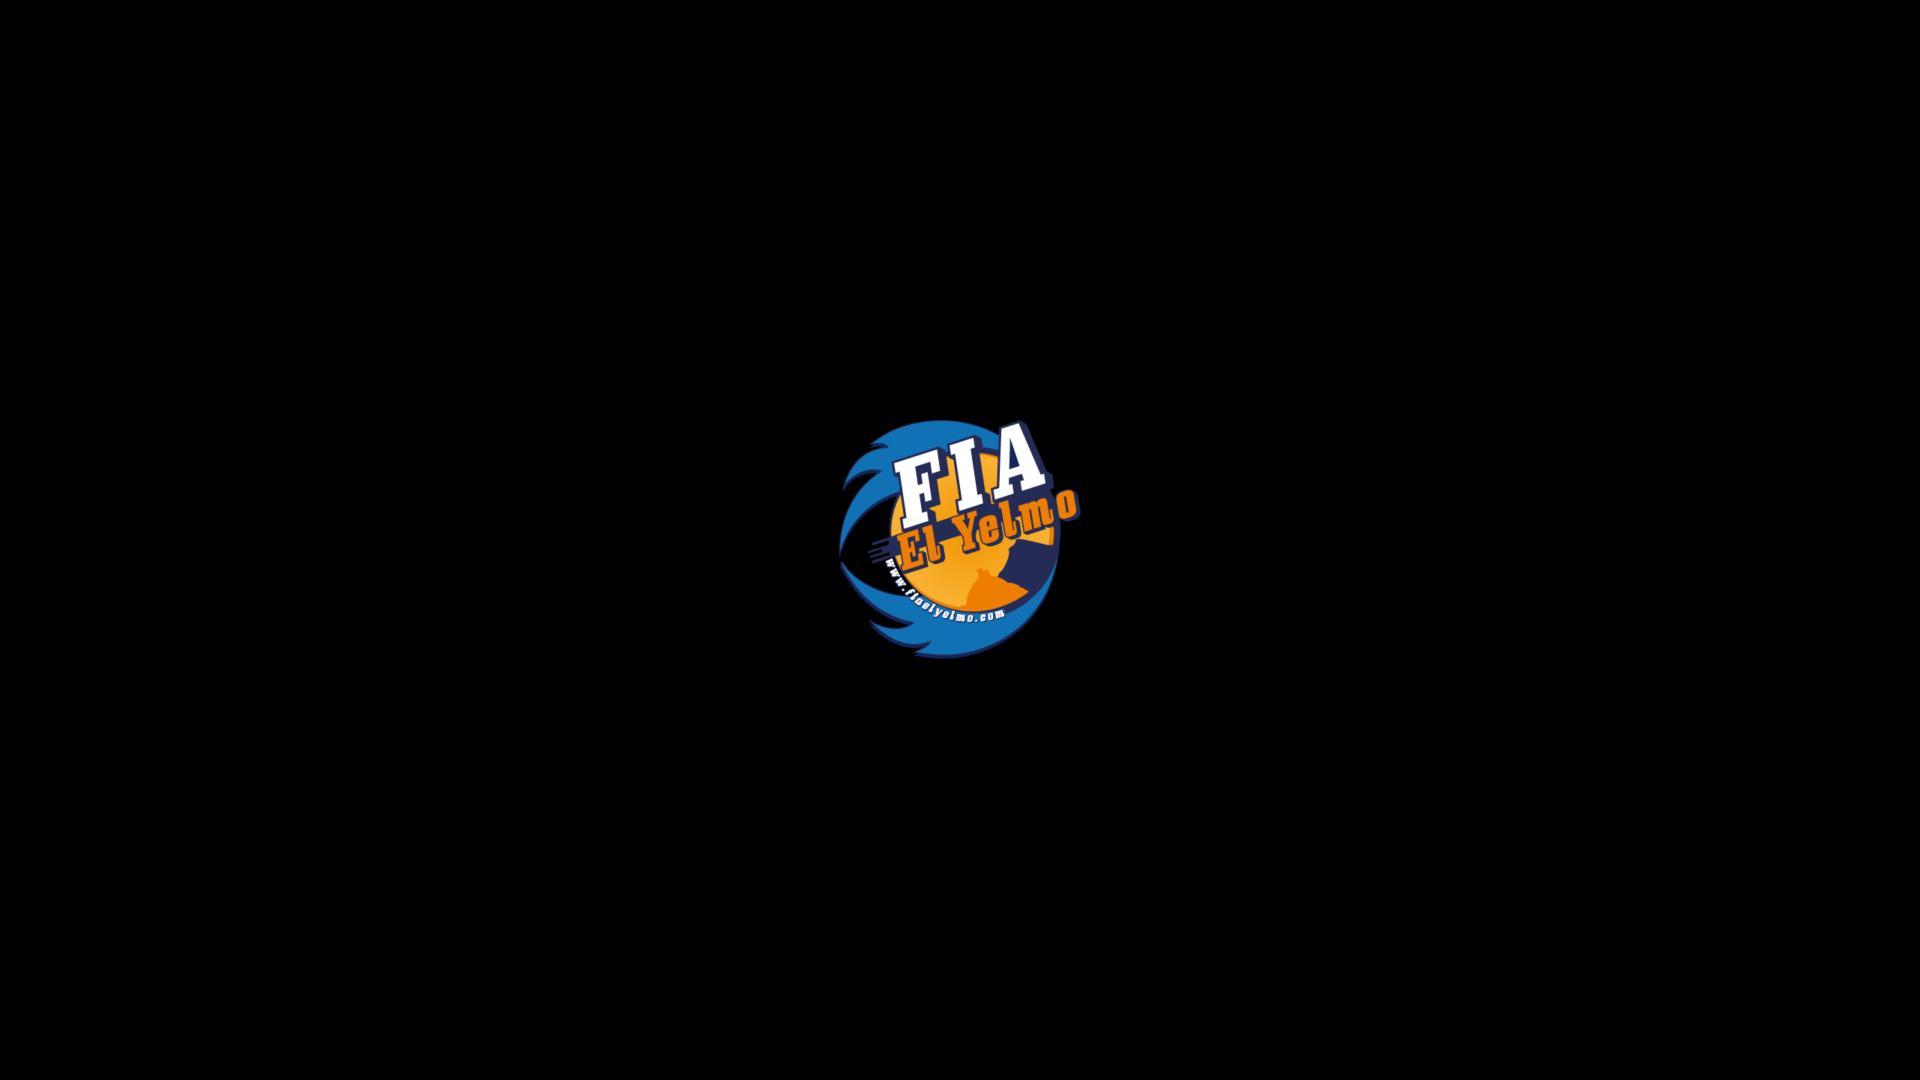 Logotipo Fia el Yelmo Pliegues